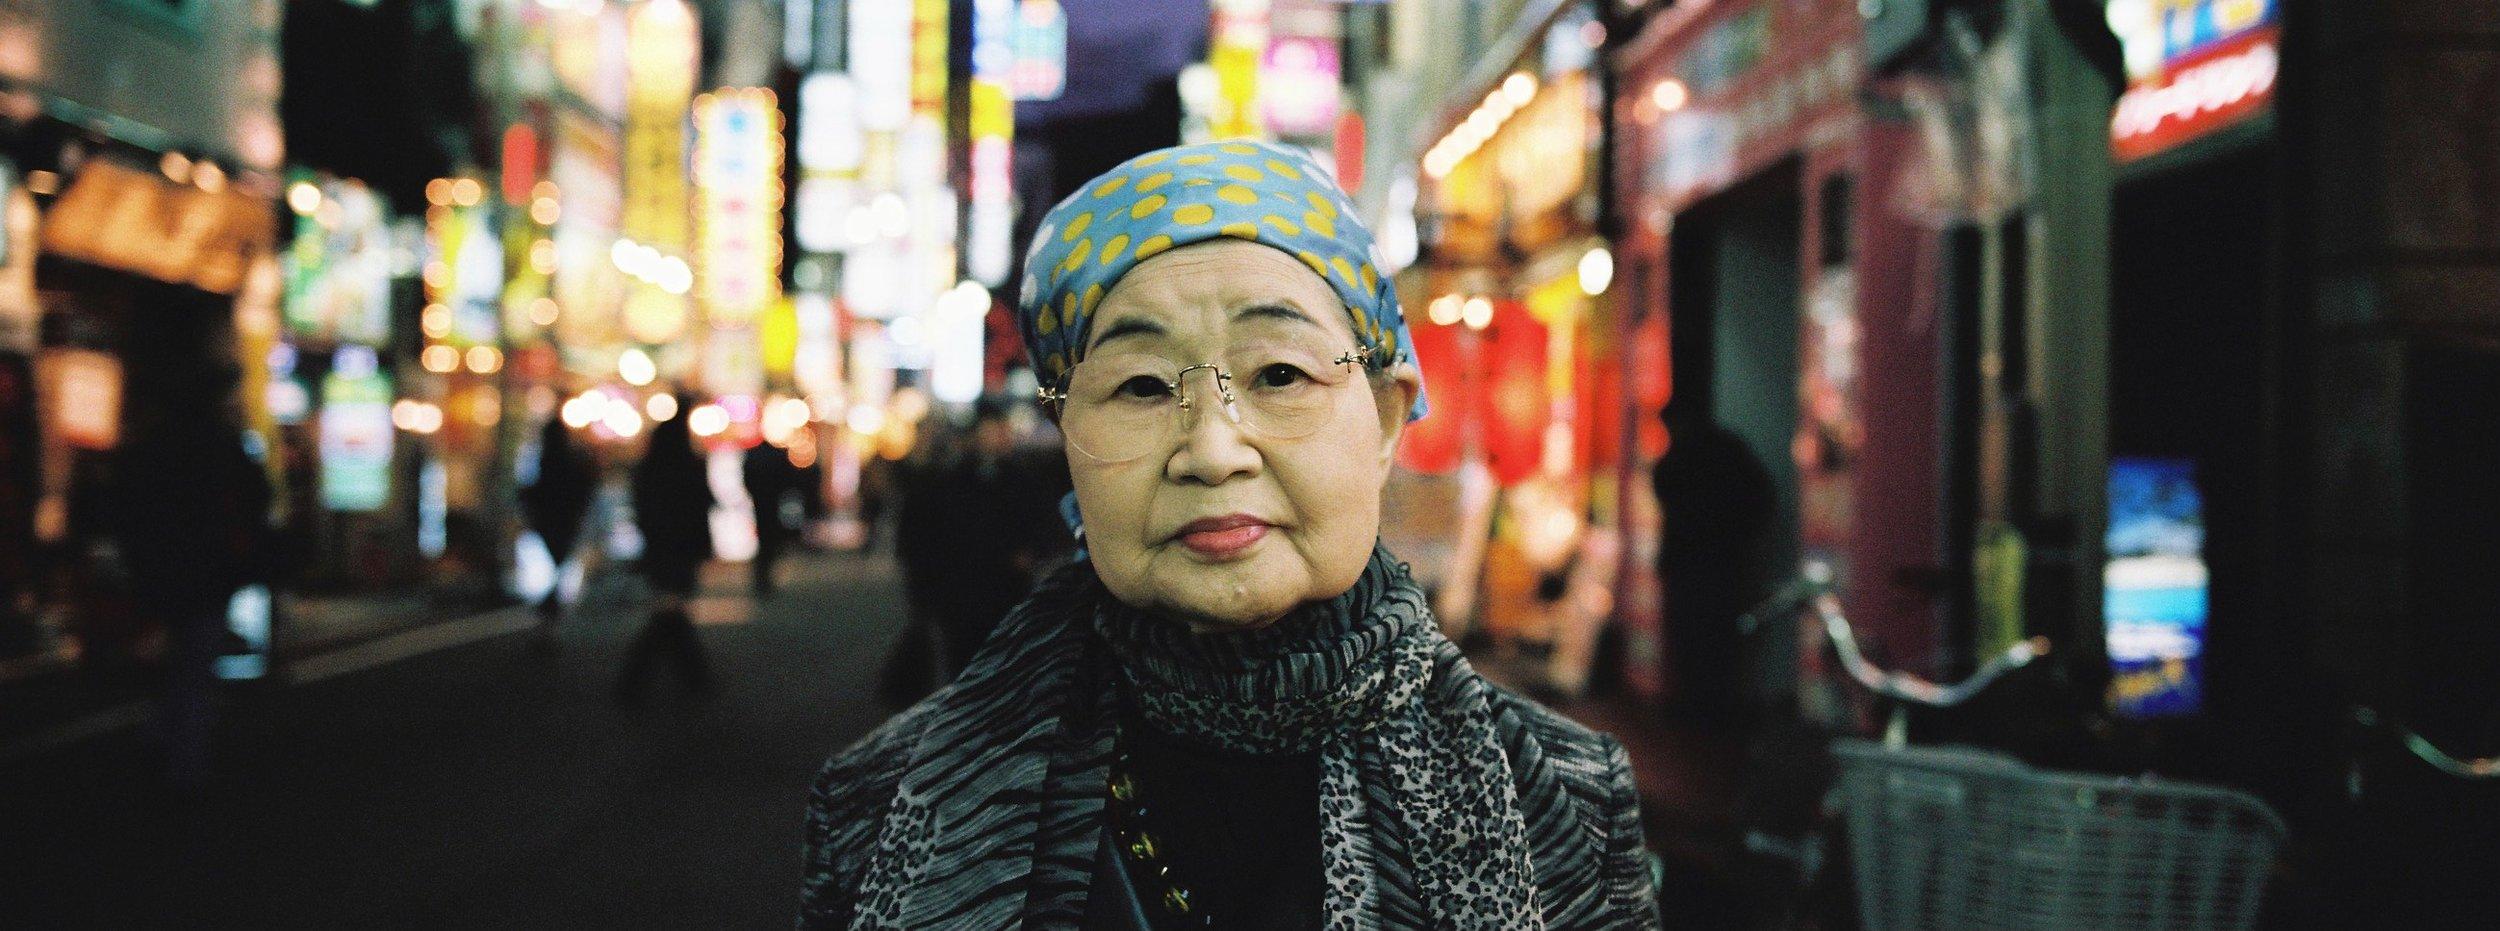 Shinjuku portrait -Tokyo